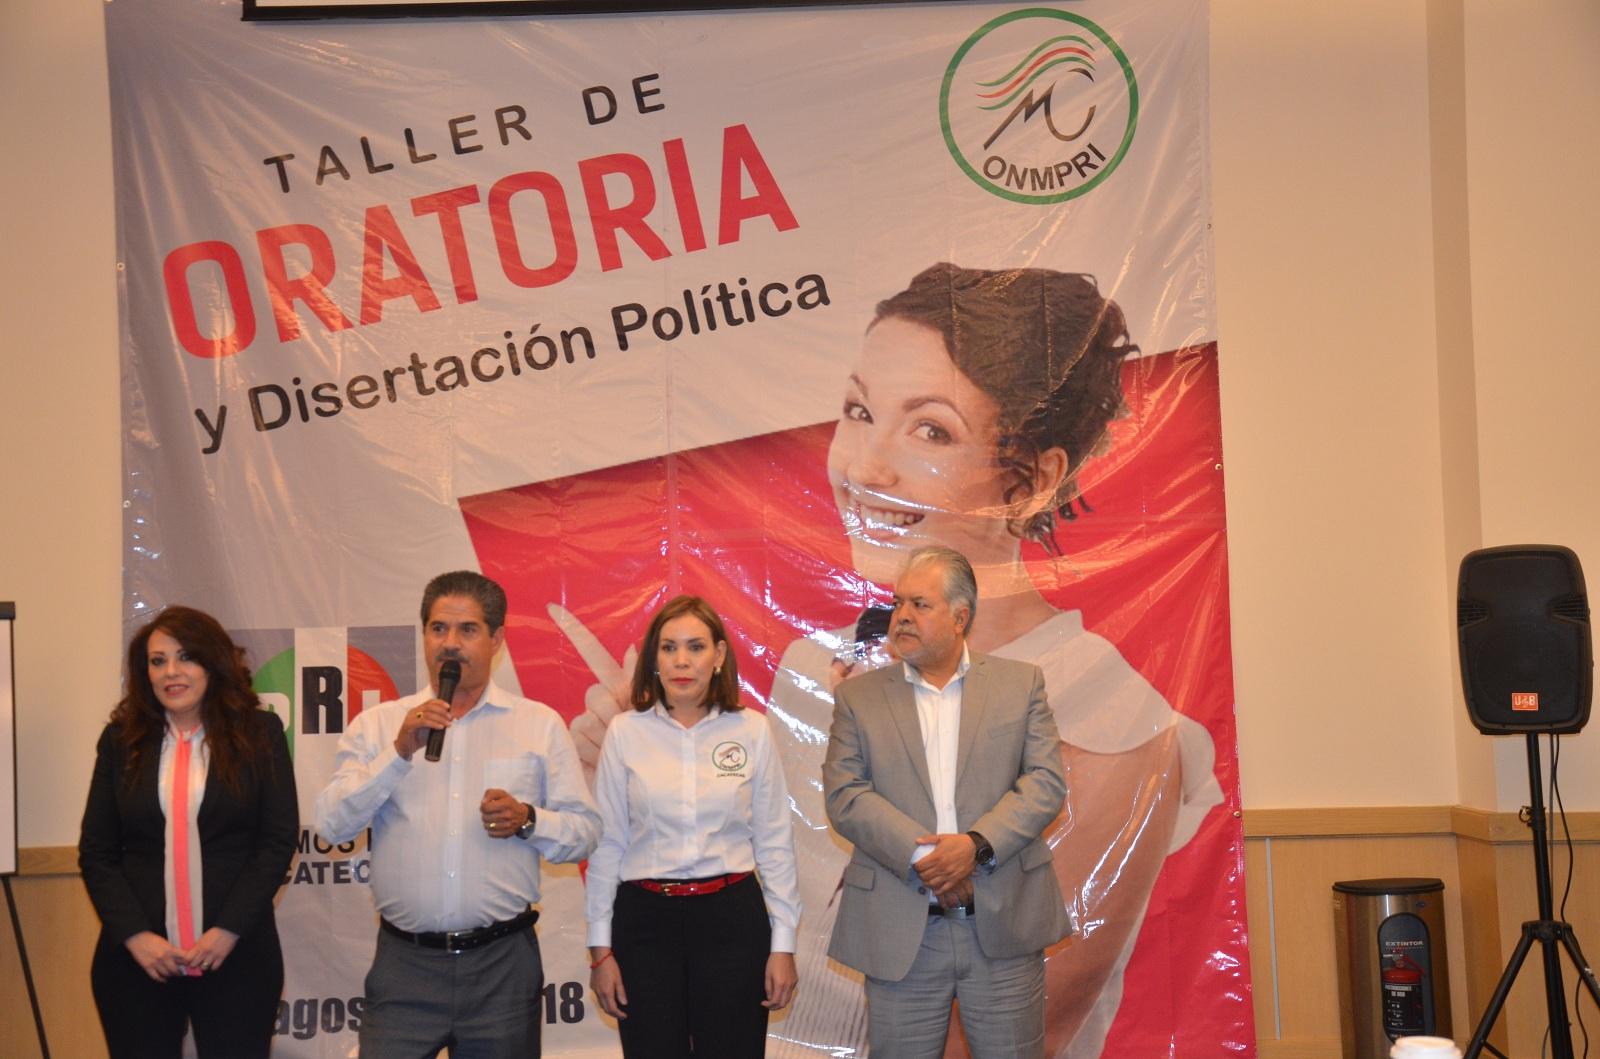 REALIZA ONMPRI TALLER DE ORATORIA Y DISERTACIÓN POLÍTICA